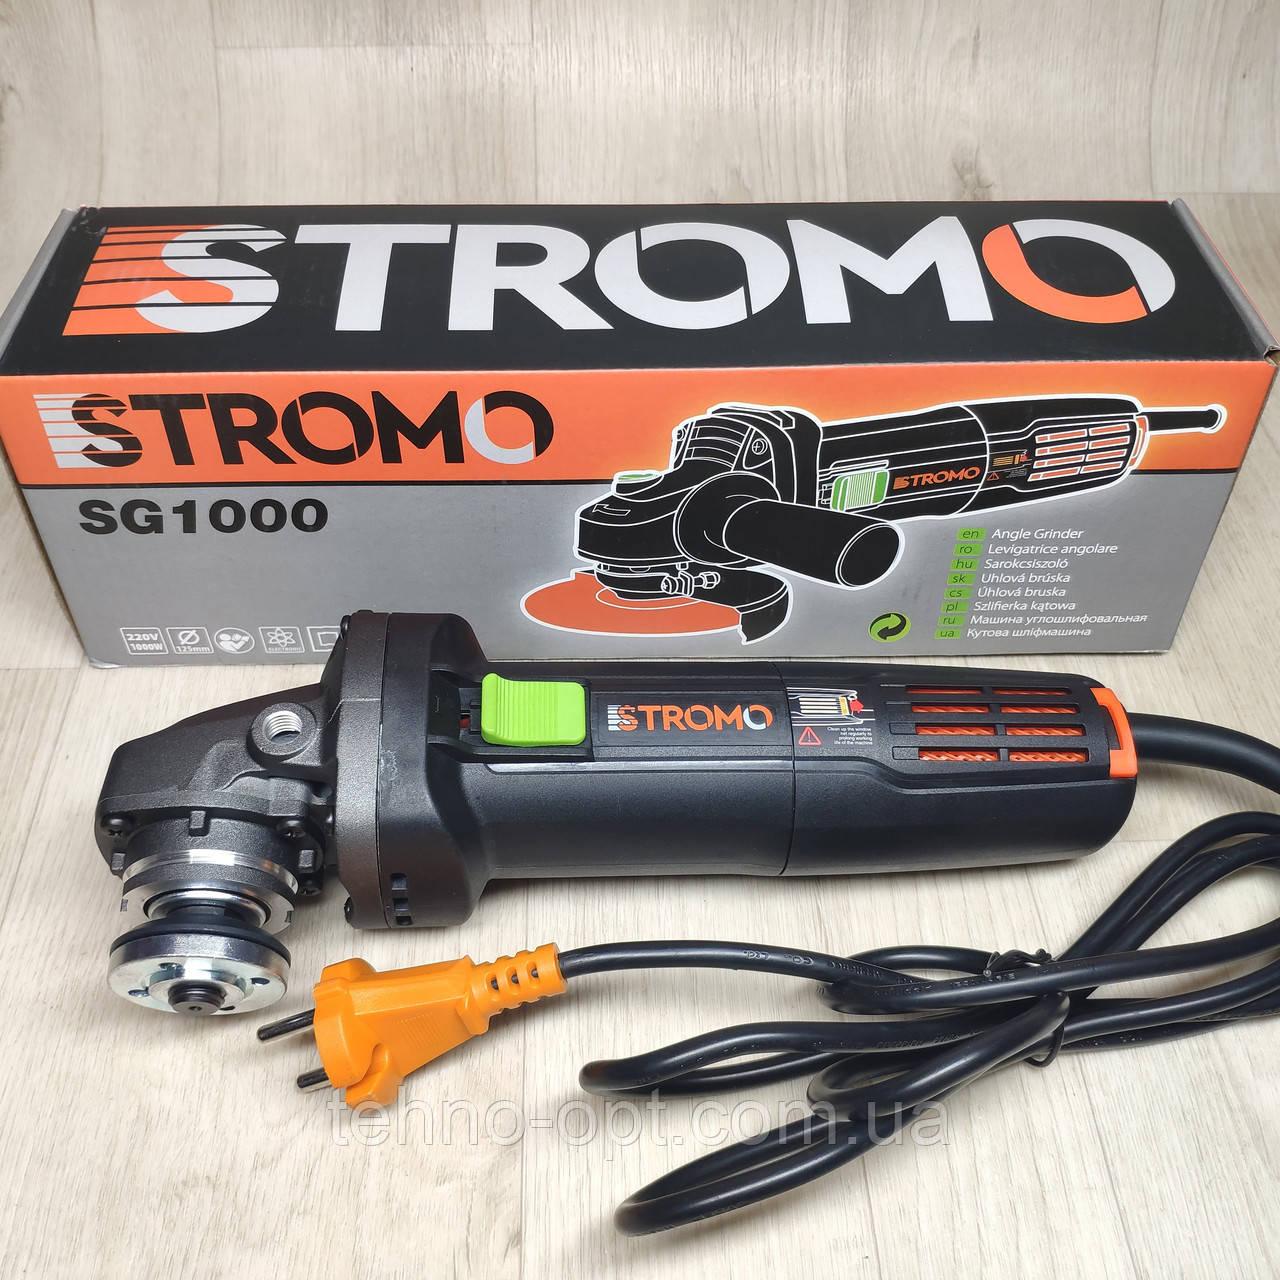 Болгарка 125 STROMO SG 1000